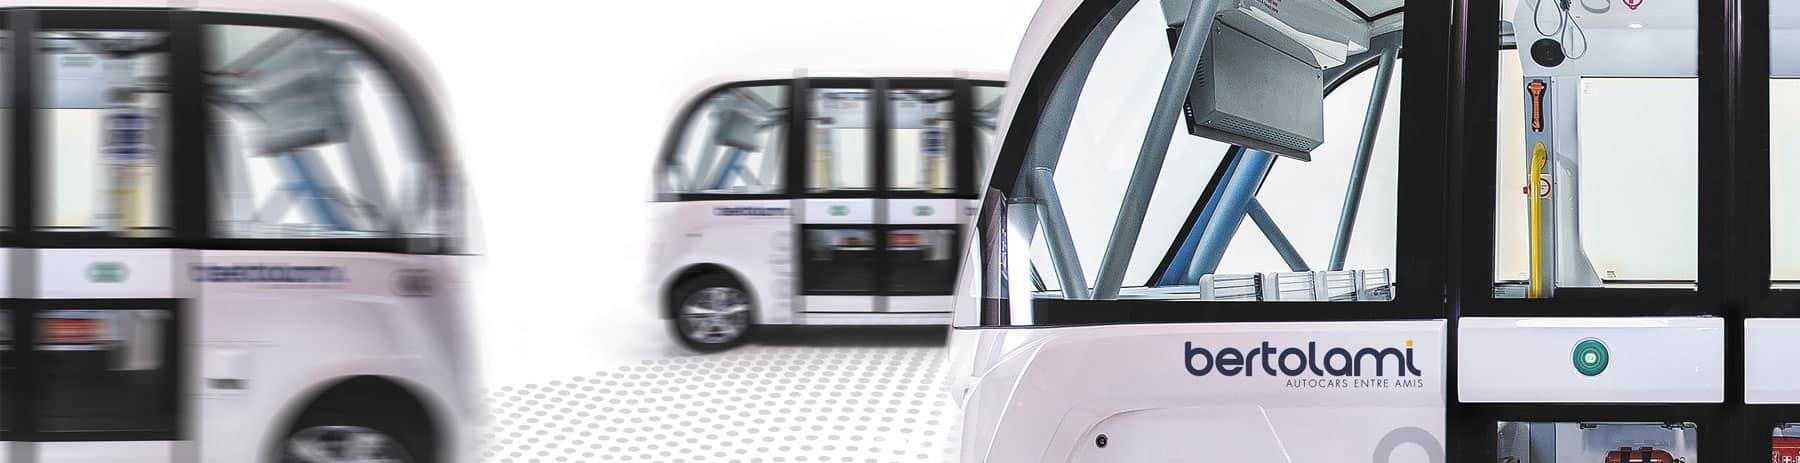 Comment transporter une navette autonome ?